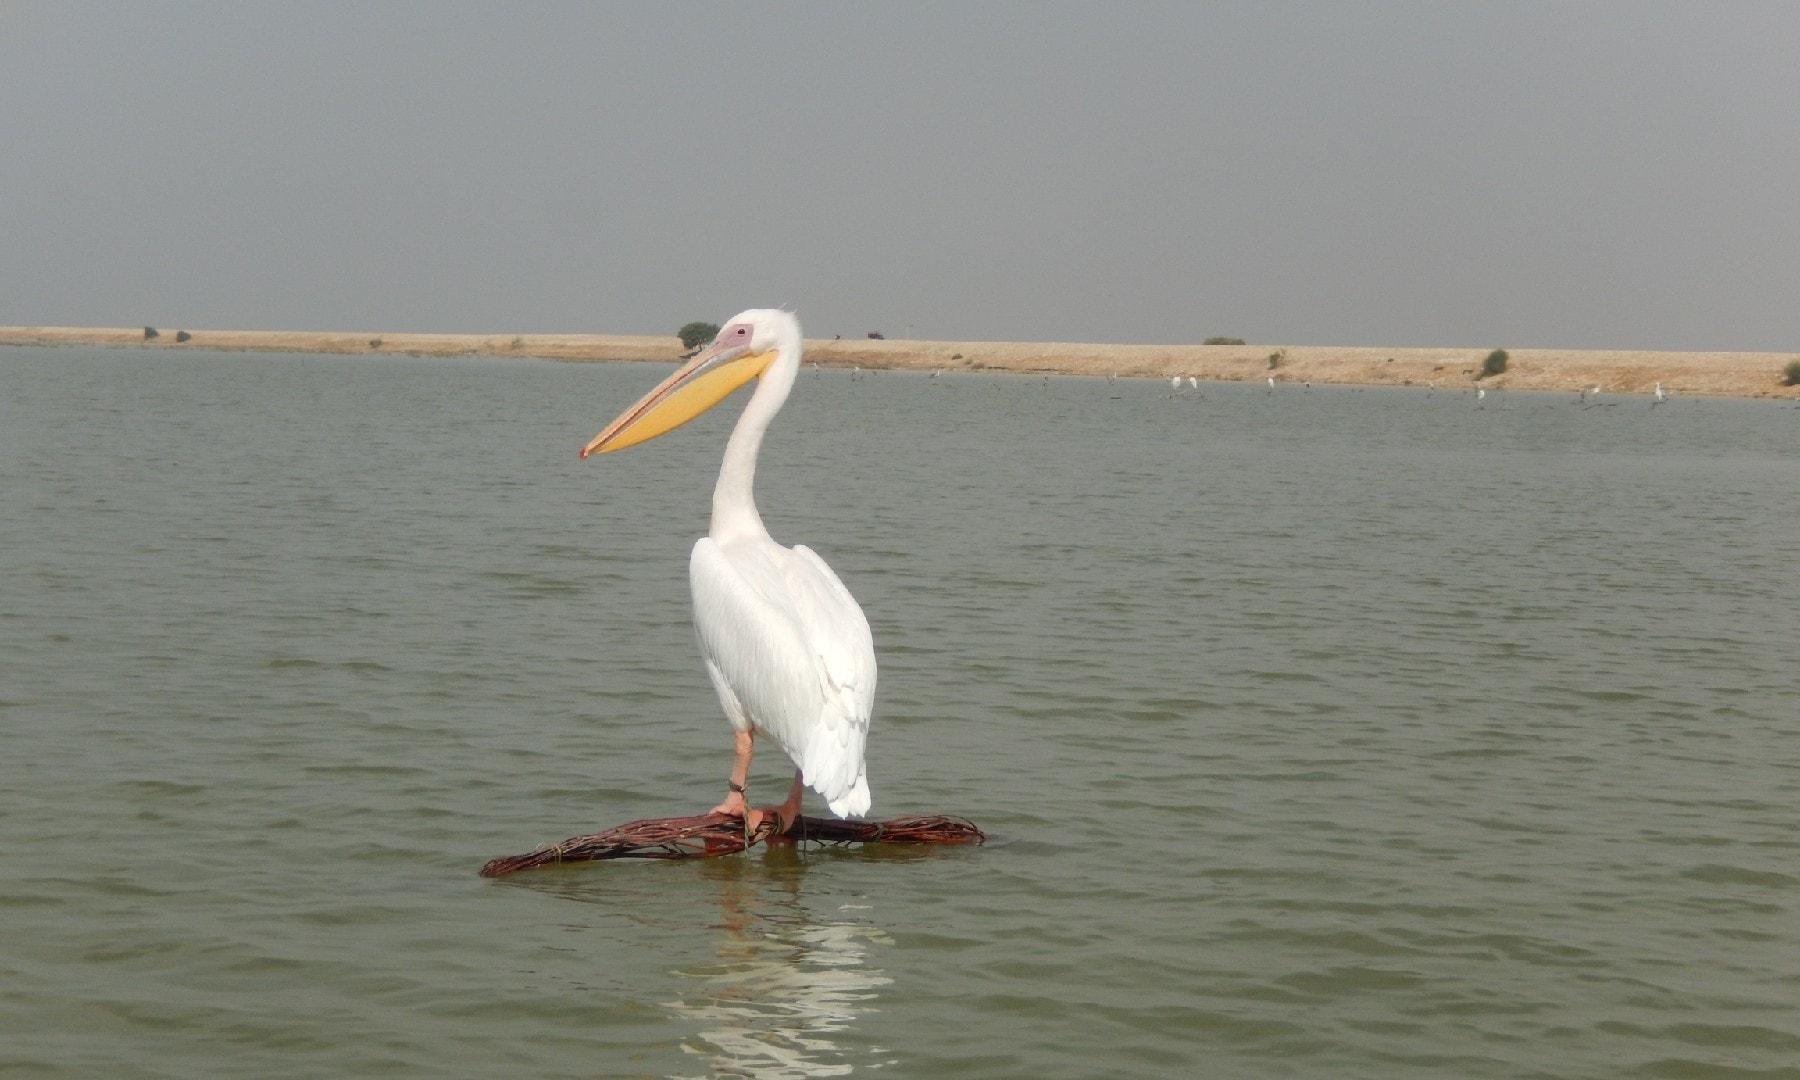 جھیل کی سطح پر نظر آنے والے سارے پرندے بندھے ہوئے تھے—ابوبکر شیخ